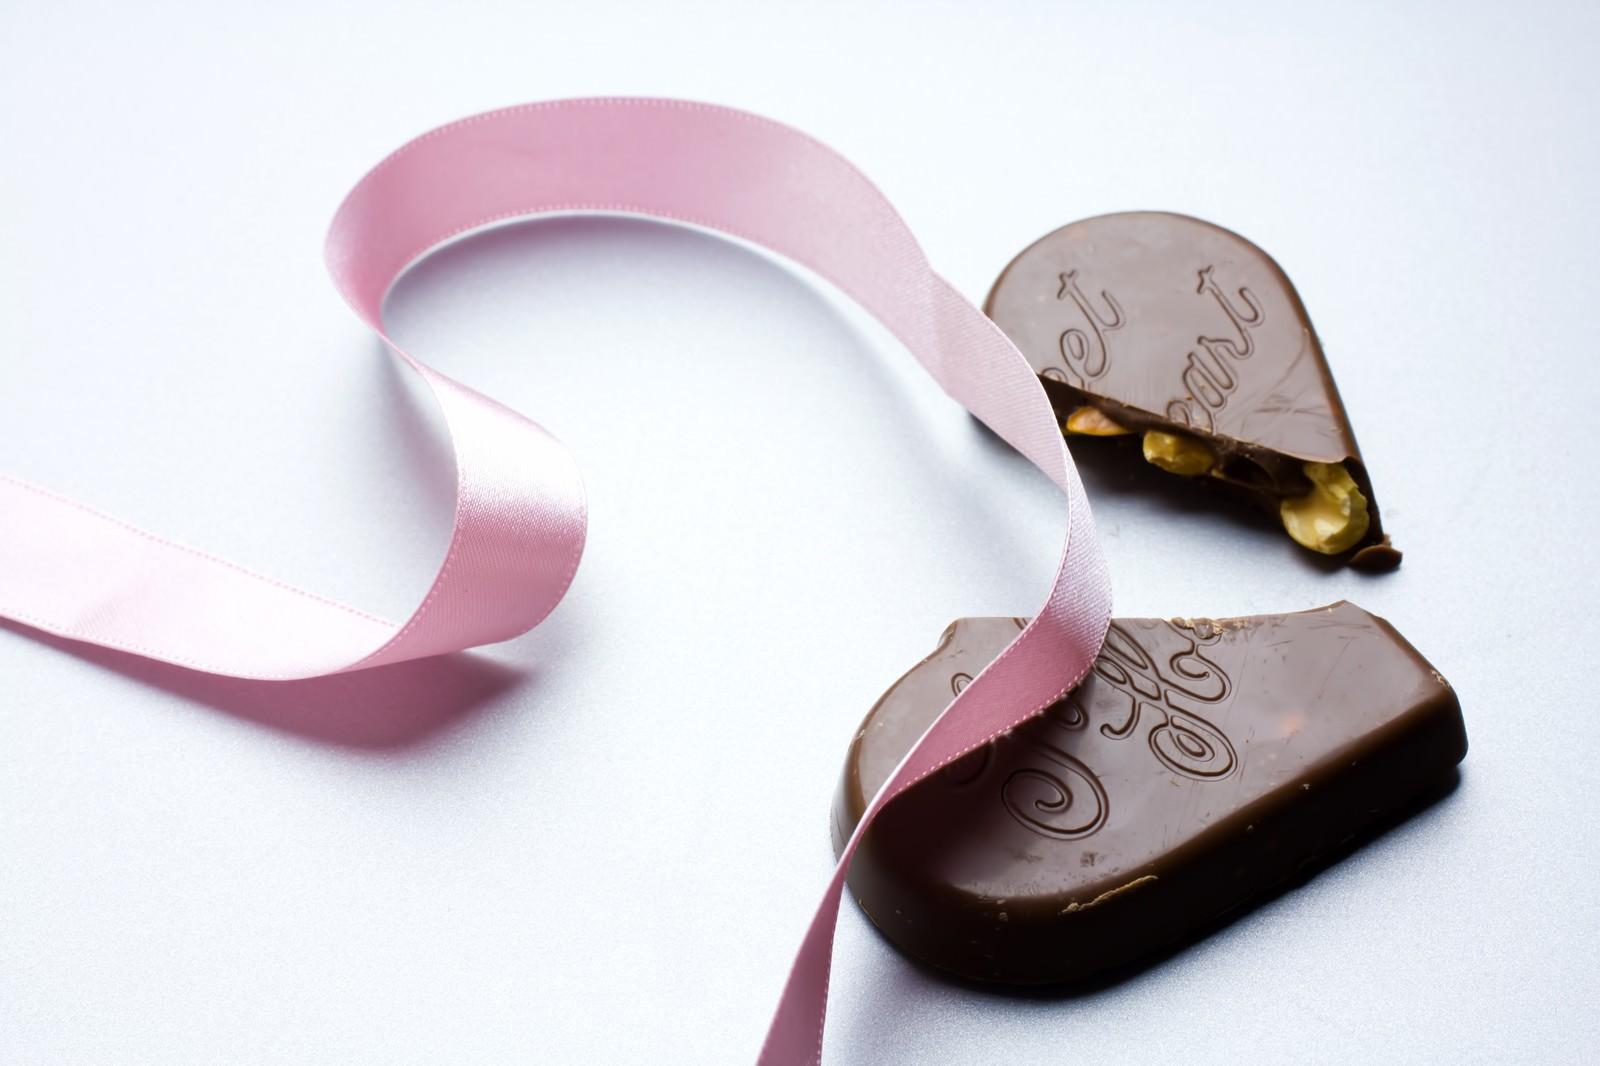 ピンクのリボンと割れたチョコレートのフリー素材